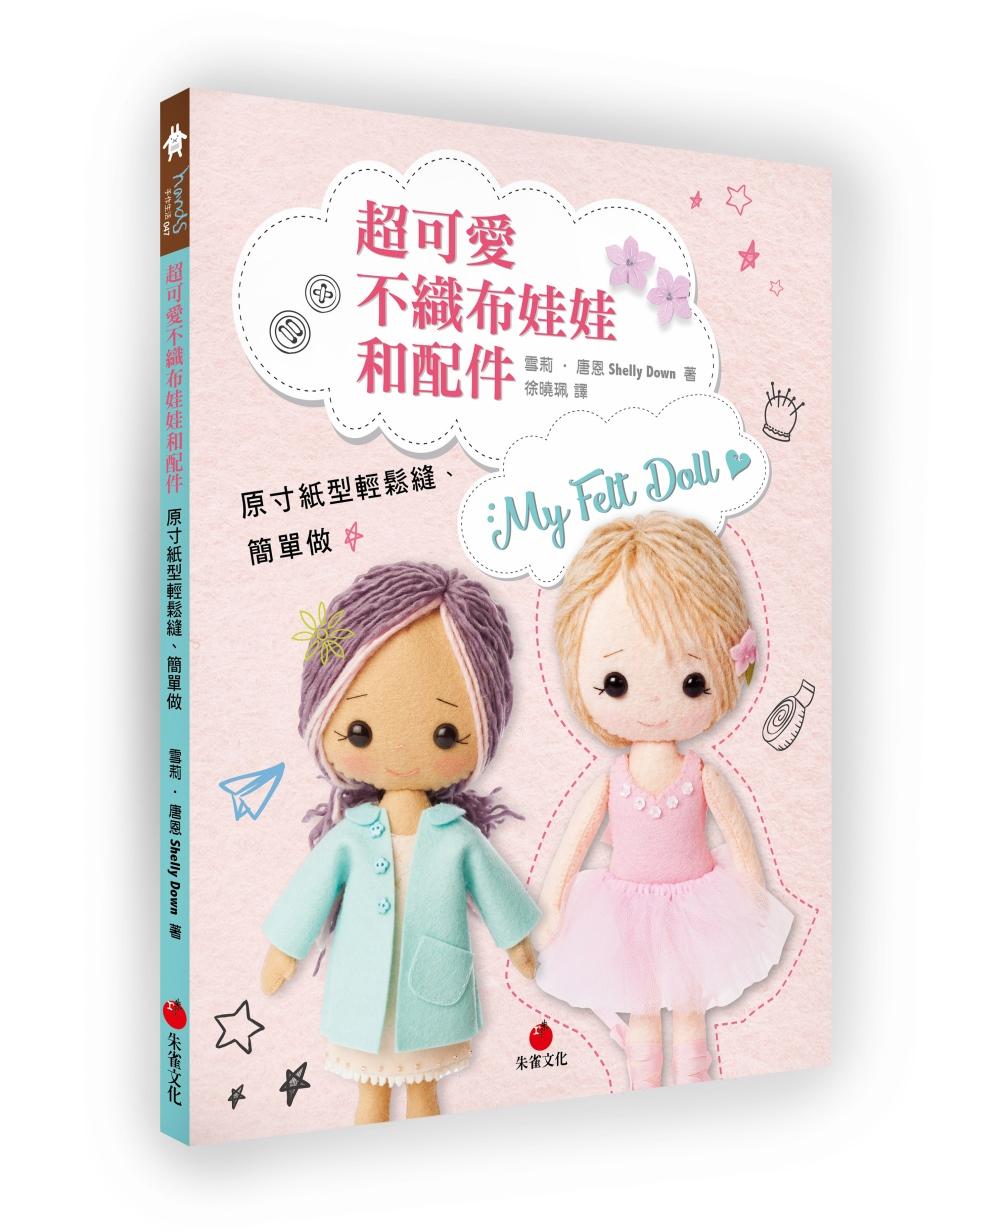 超可愛不織布娃娃和配件:原寸紙型輕鬆縫、簡單做